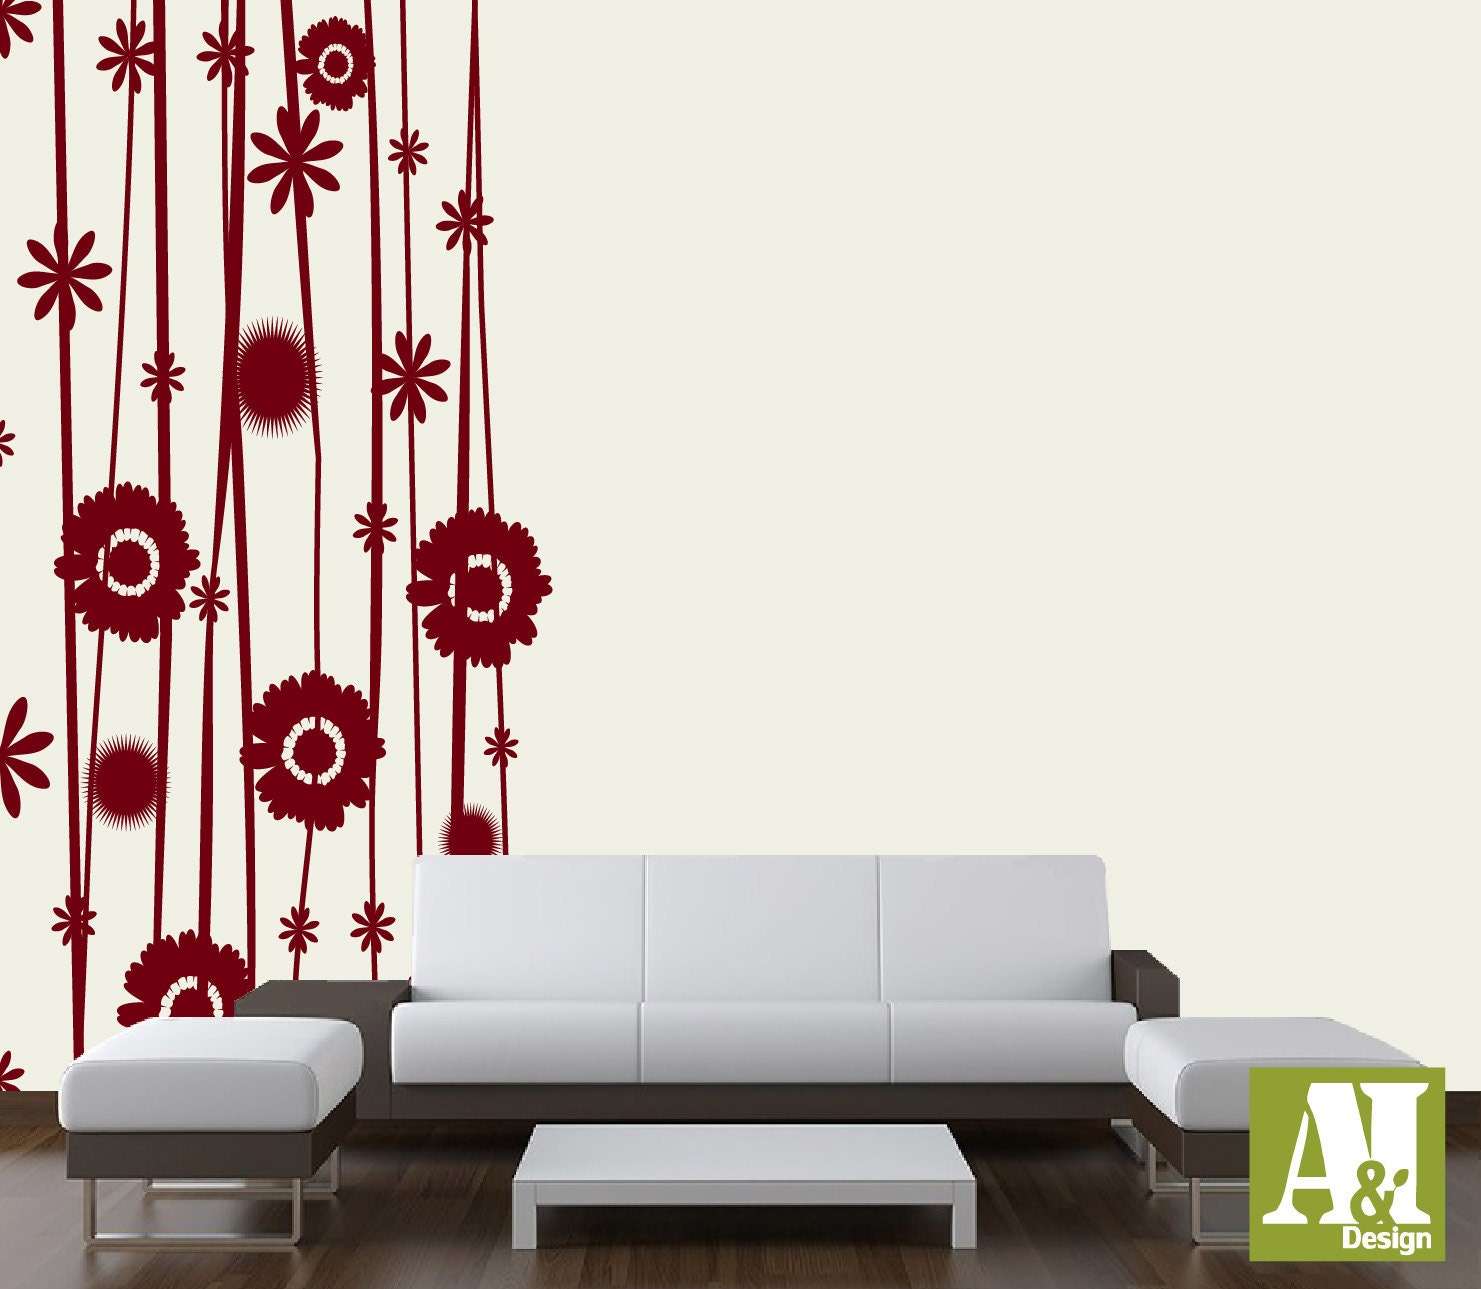 Fleur panneau mural autocollant salon chambre vinyle par a8idesign - Panneau mural chambre ...